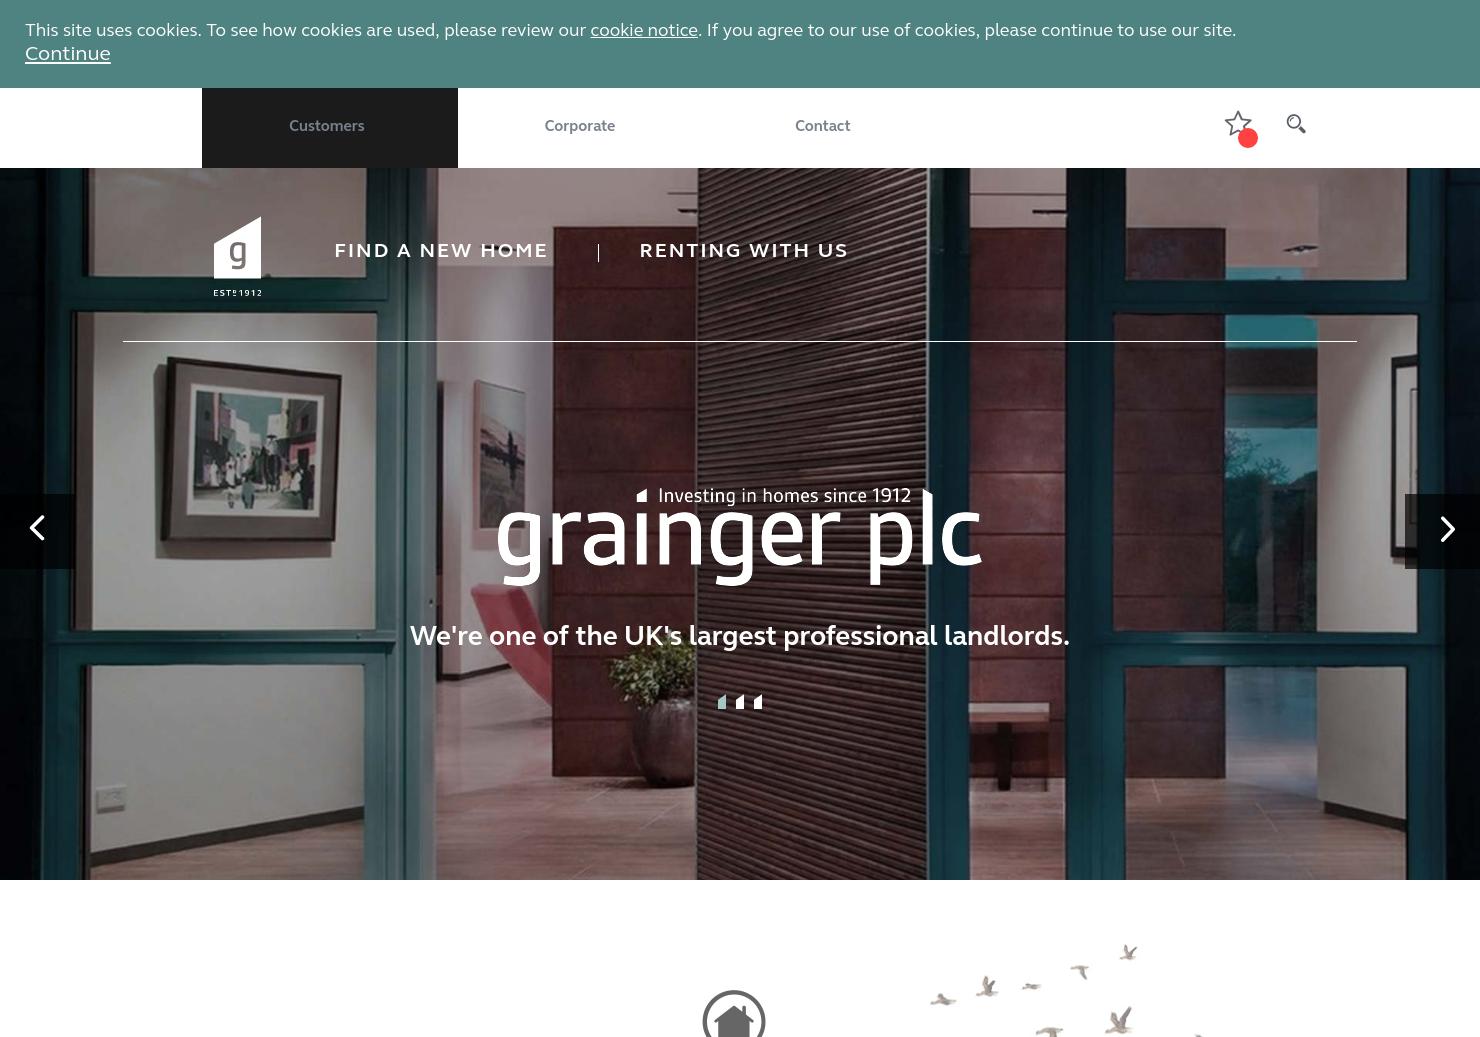 Grainger plc Home Page